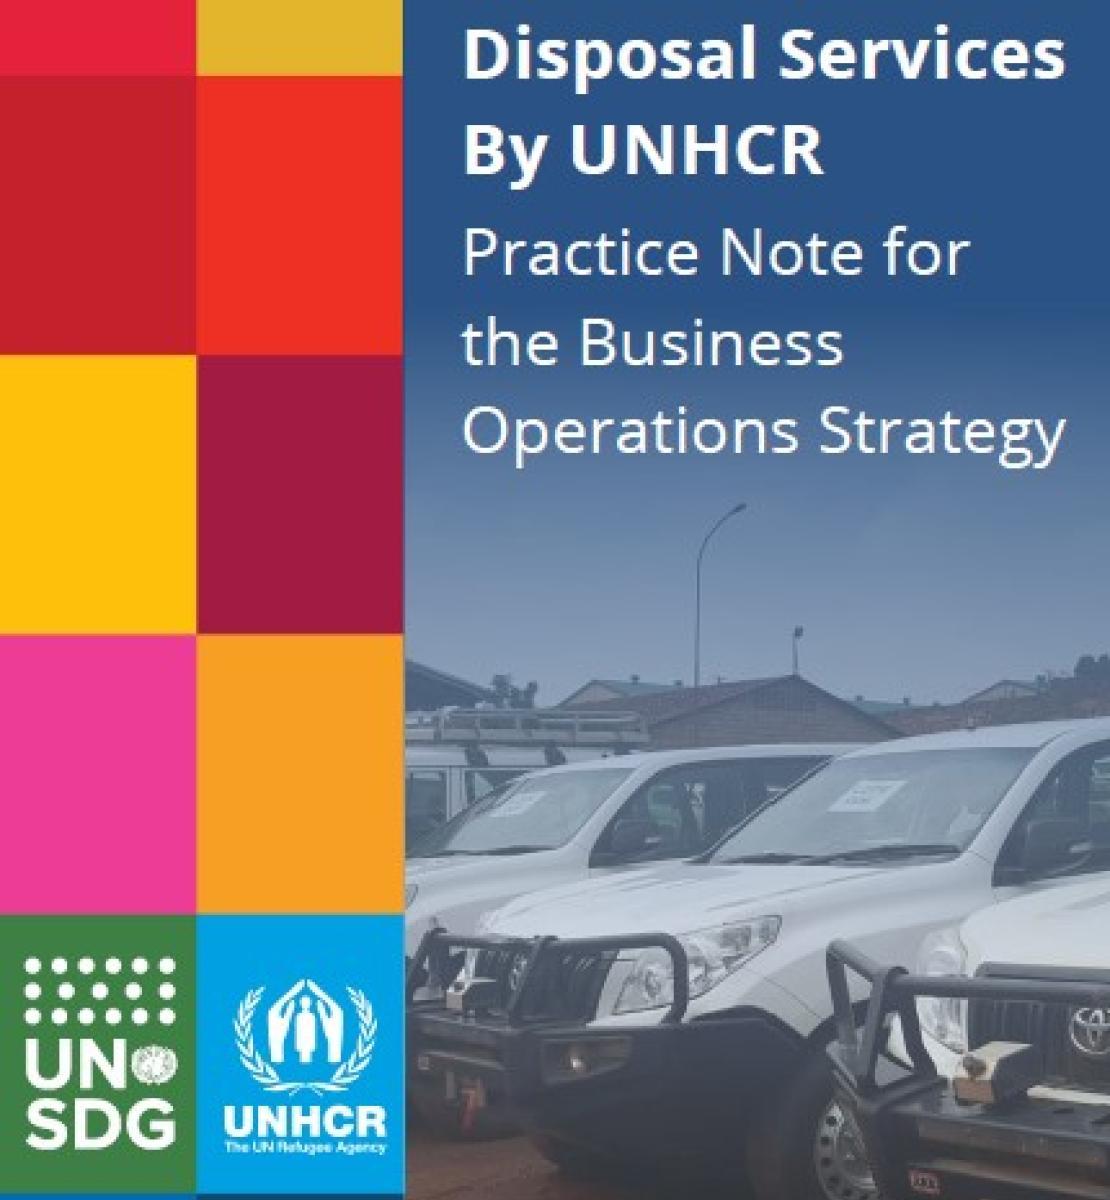 سيارات تابعة للأمم المتحدة متوقفة في الهواء الطلق. عنوان مذكرة الممارسة خدمات الأمم المتحدة المشتركة للاستعمال مرة واحدة